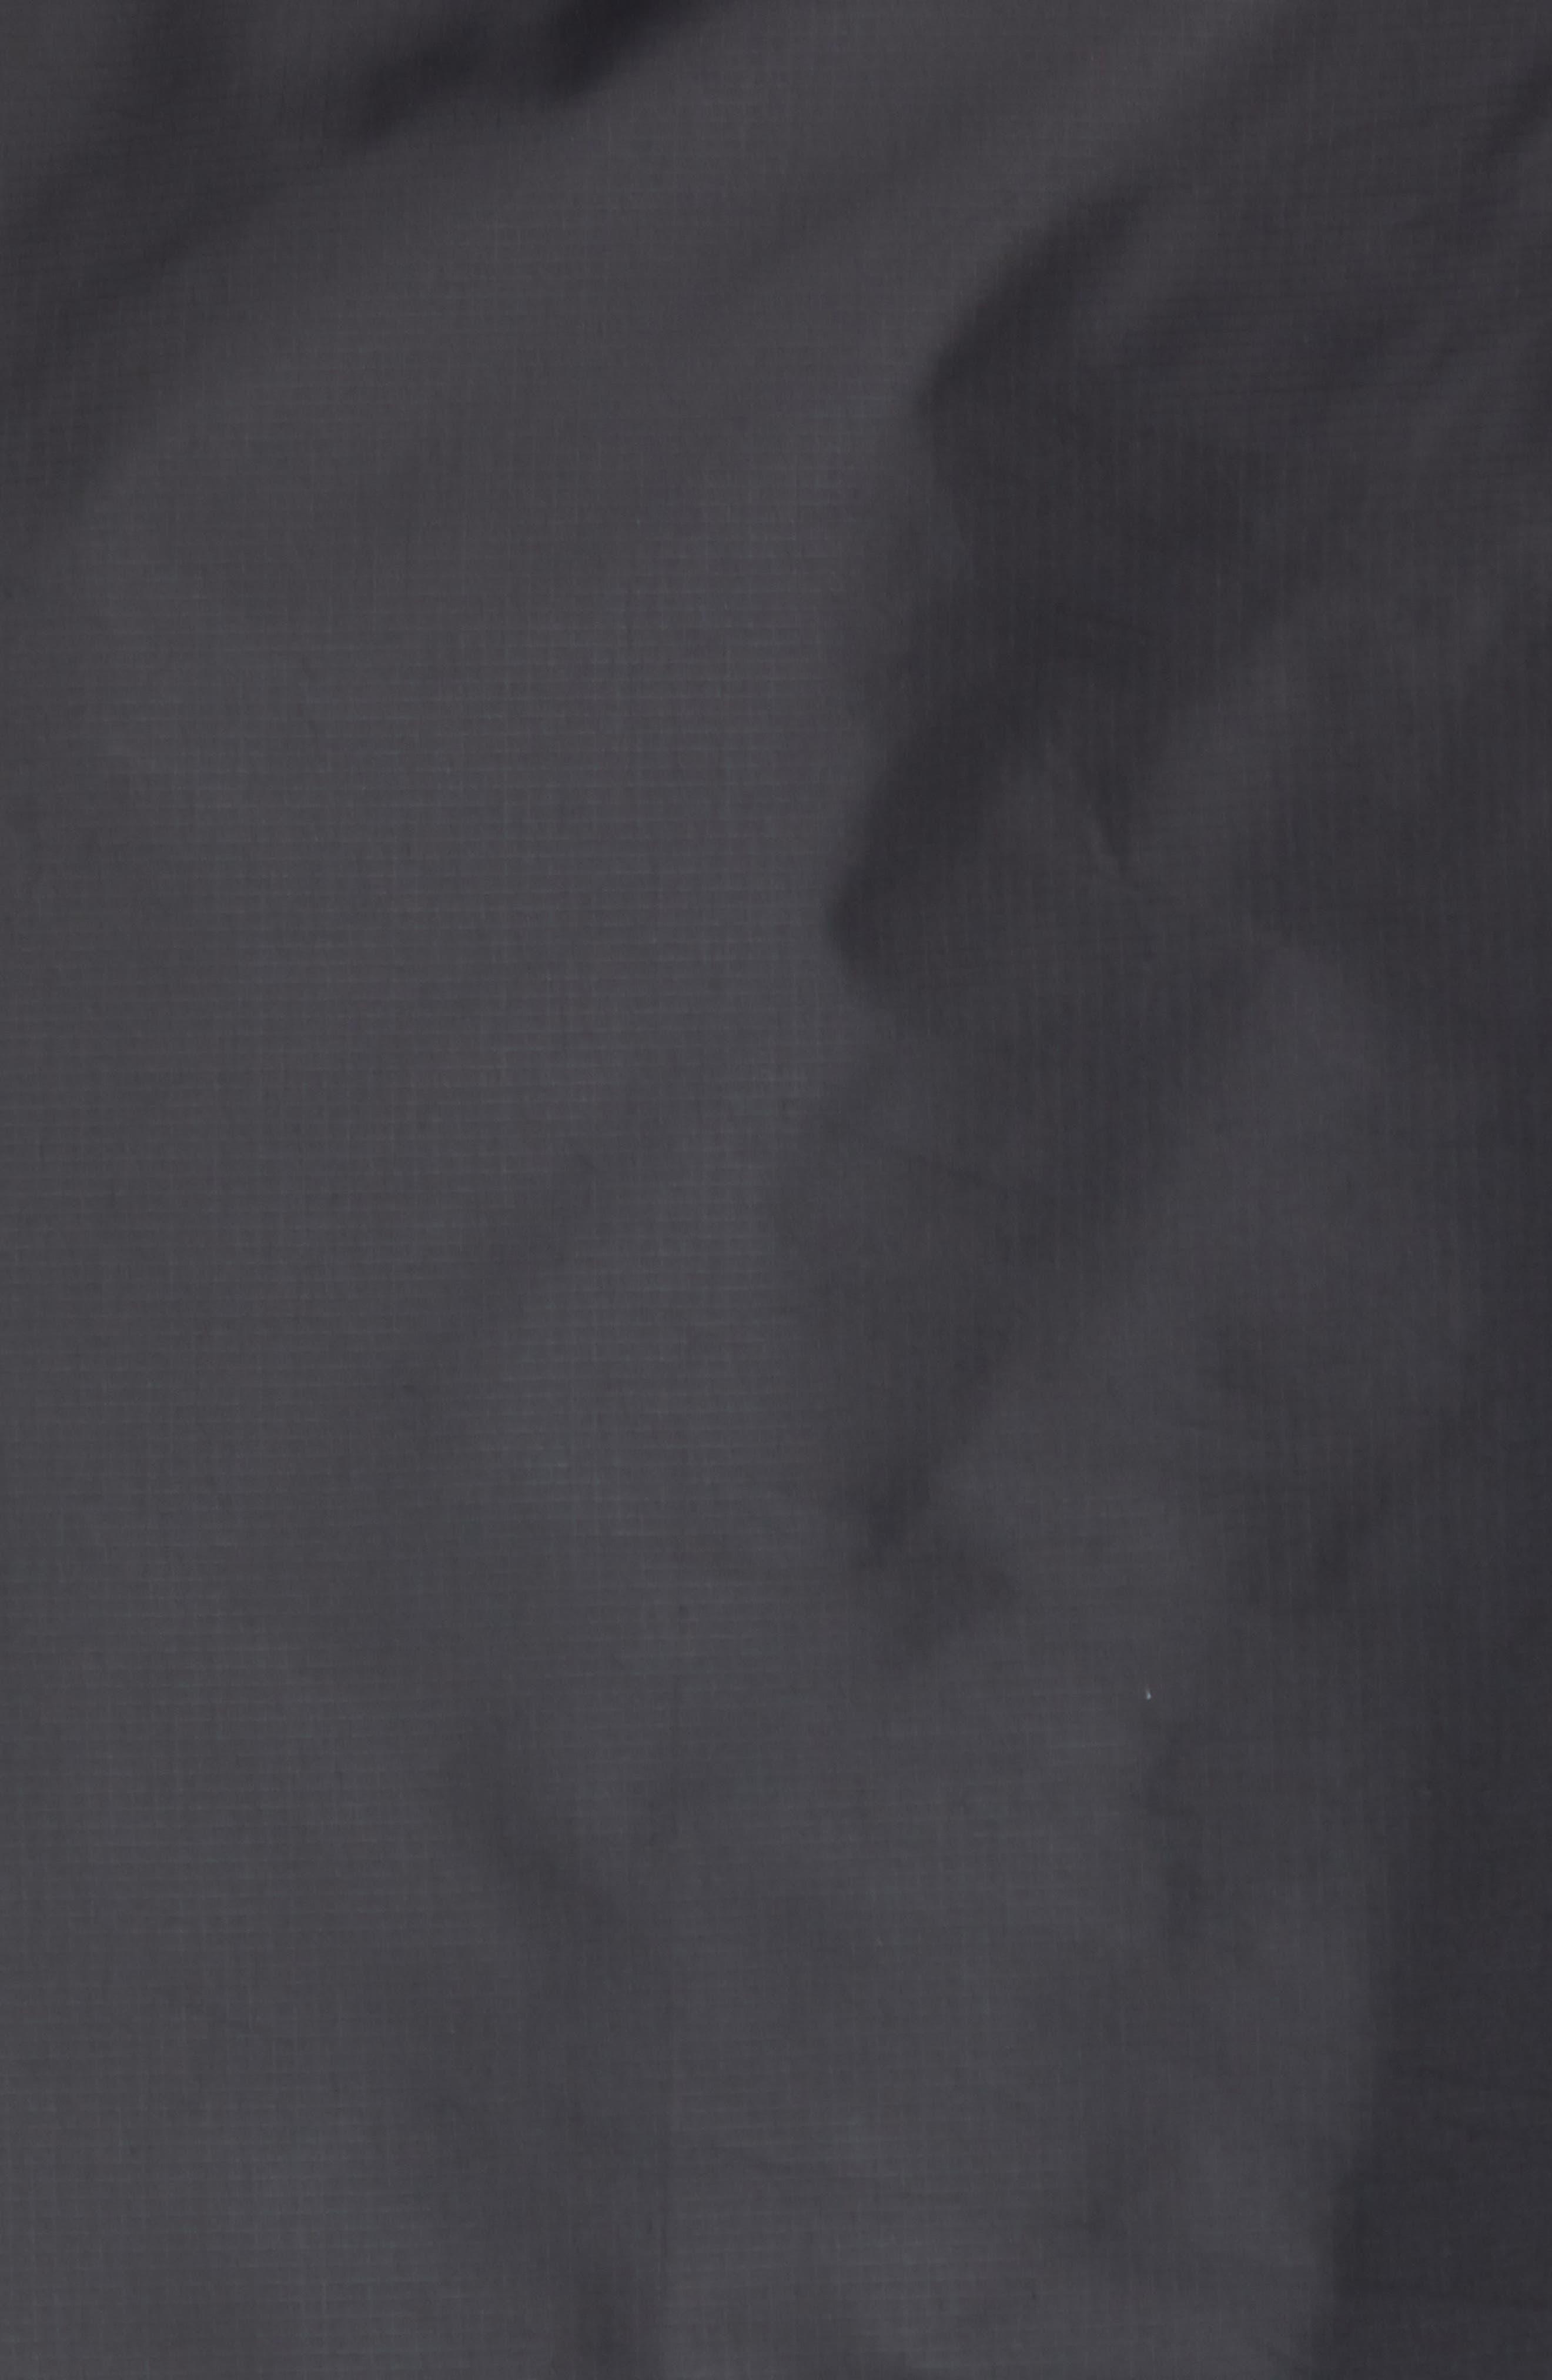 Long Sleeve Crinkle Crew Running Shirt,                             Alternate thumbnail 5, color,                             BLACK